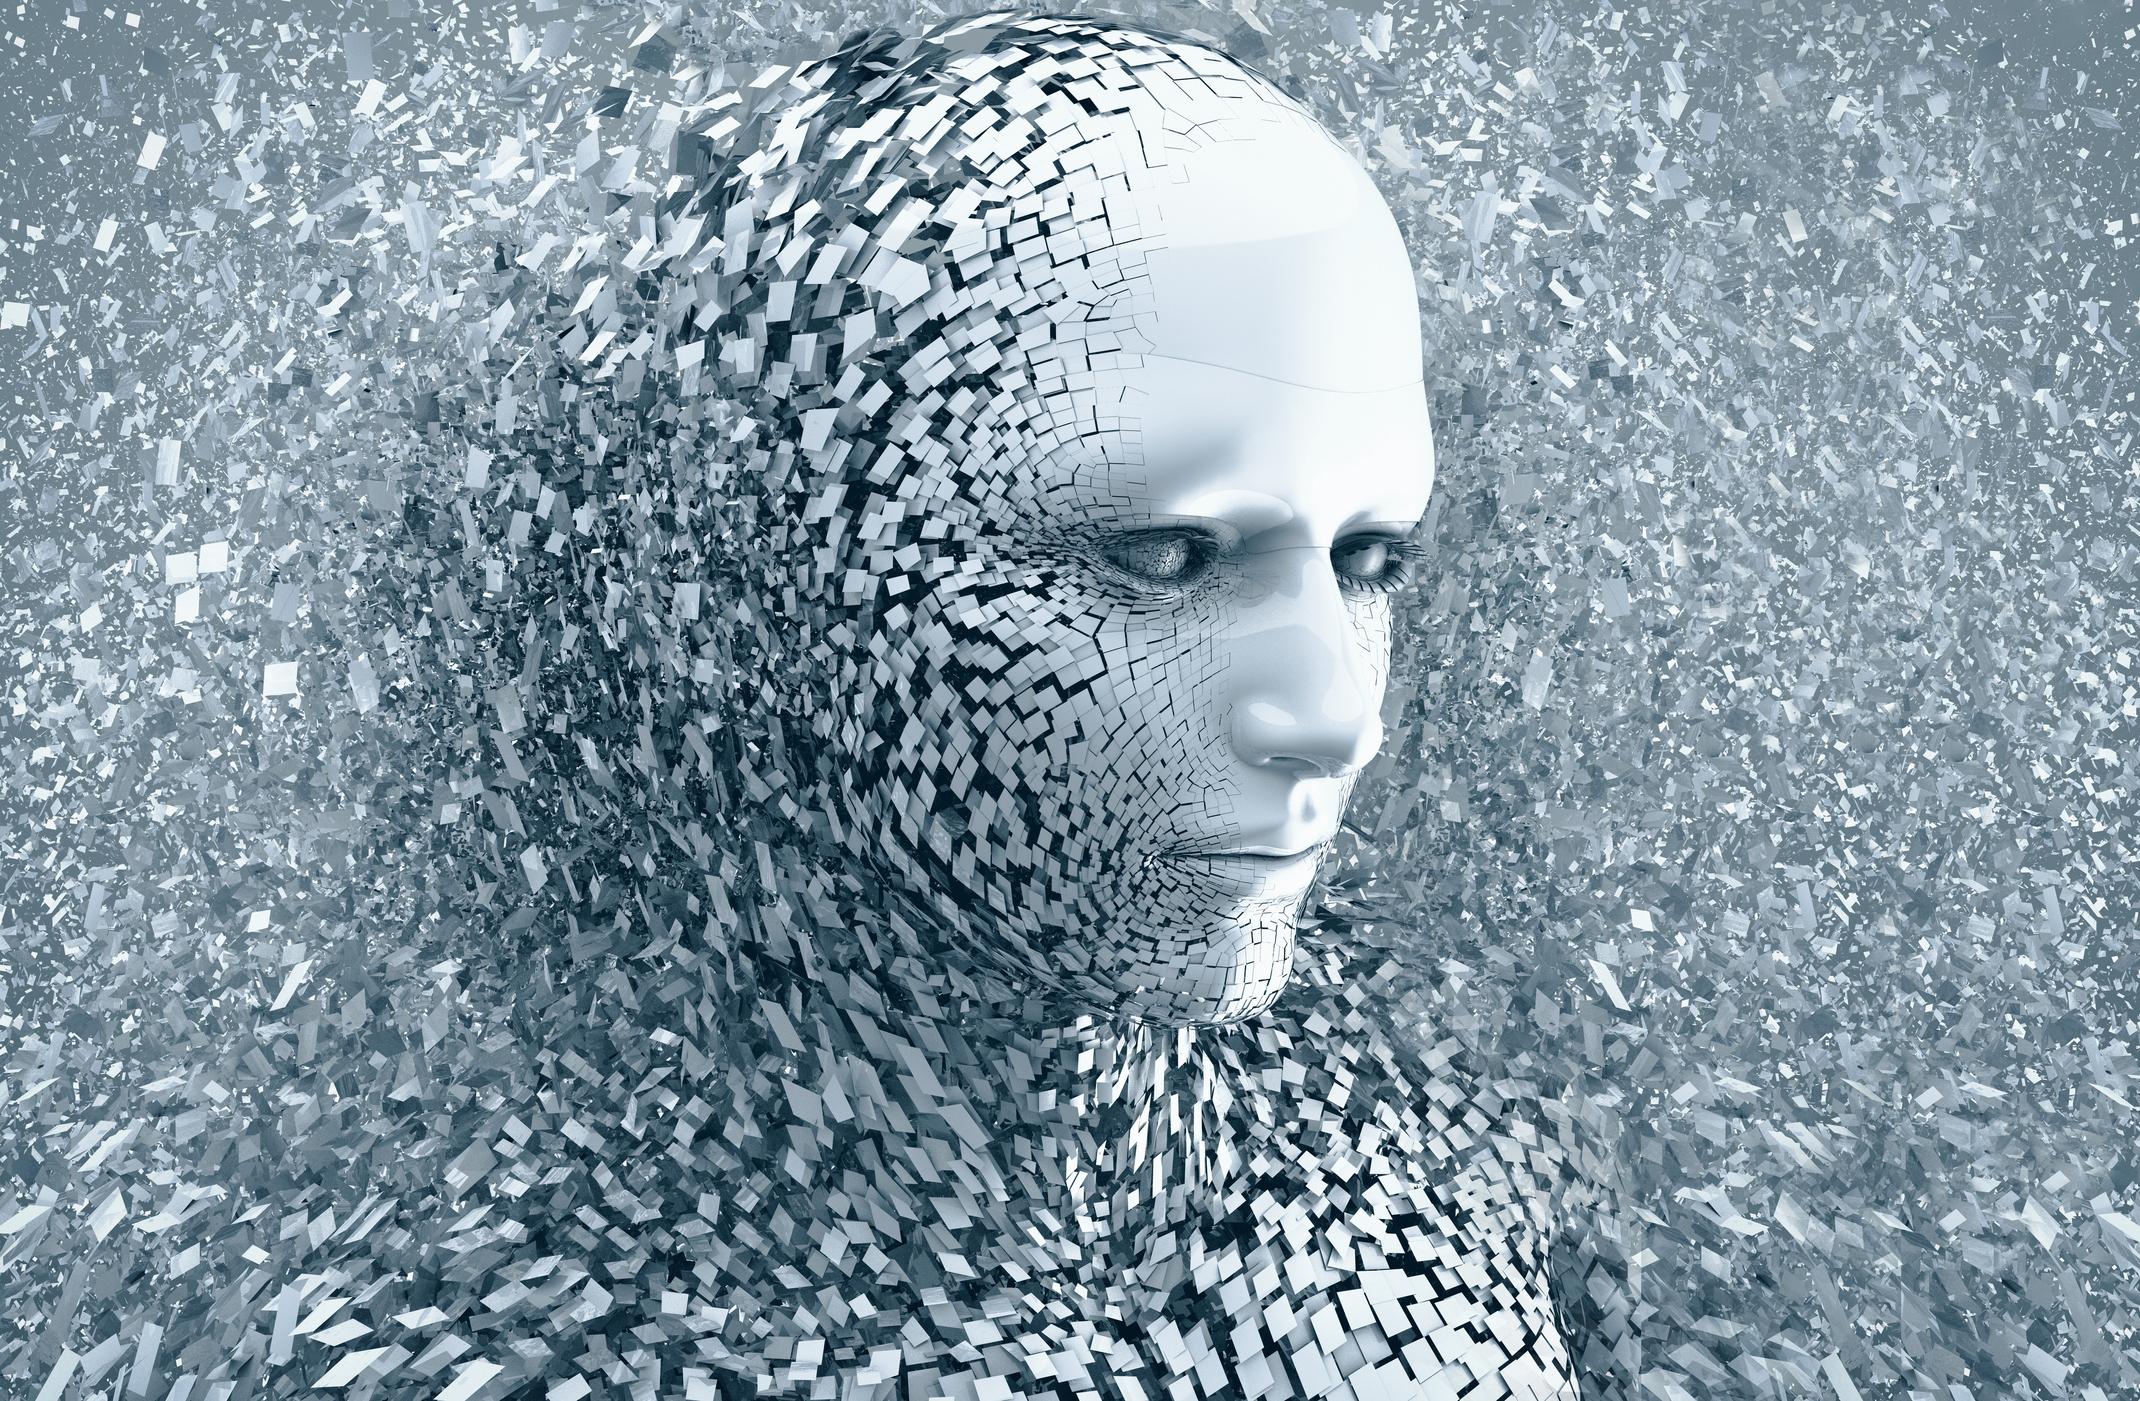 Artificiële Intelligentie & Recht te Amsterdam. Juridisch kennisplatform inzake Big Data, Deep Learning, Algoritmes, Smart Contracts en Cloud Computing